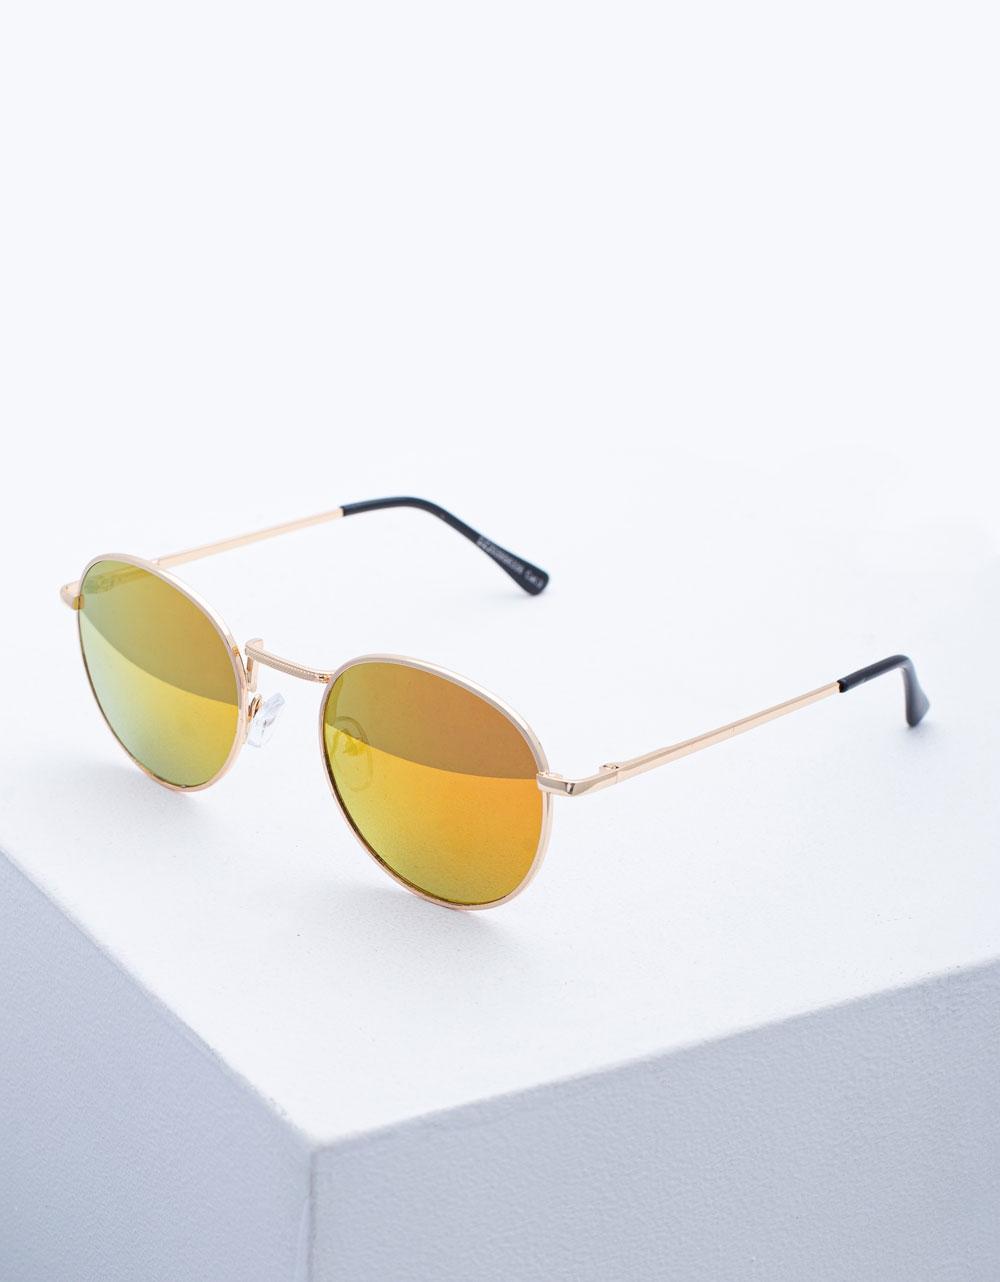 Εικόνα από Γυναικεία γυαλιά ηλίου με χρωματιστούς φακούς Κίτρινο